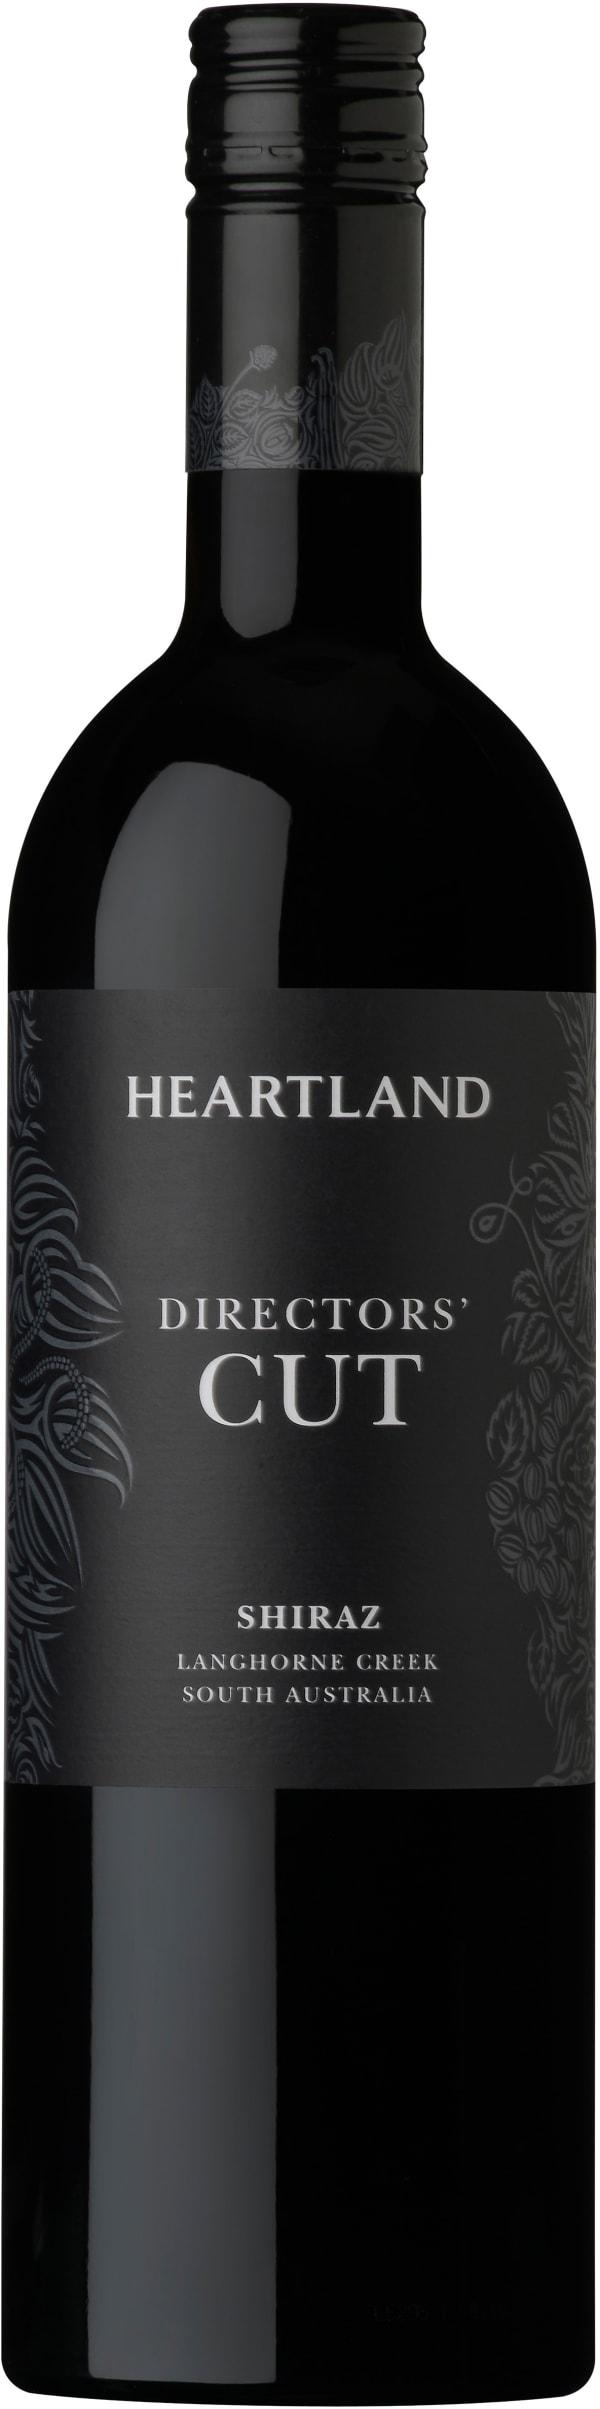 Heartland Directors' Cut Shiraz 2014